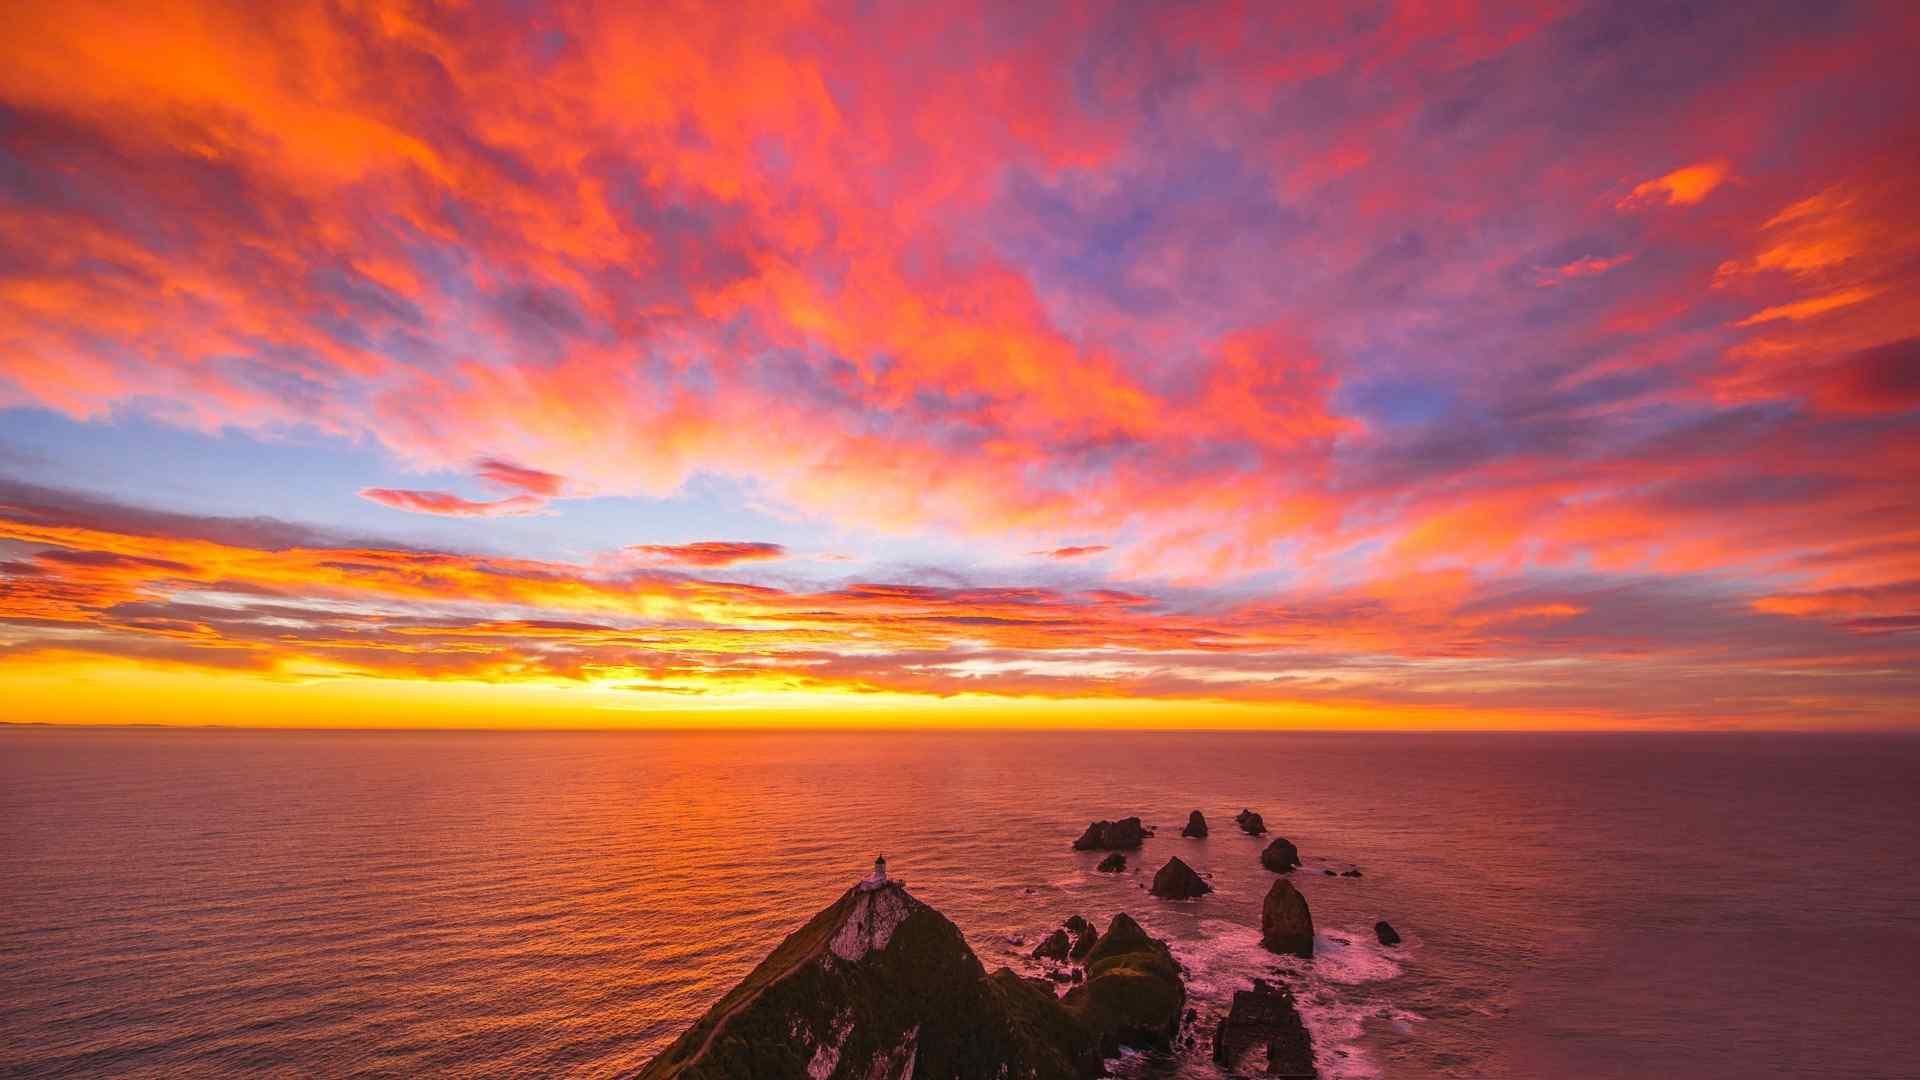 自然美景新西兰摄影高清电脑壁纸,新西南是个美丽的国度,那里有最纯净的空气,有碧海蓝天,有气势恢宏的高山和平原。径自躺在草坪上,仰望蓝天流云,凝听流水的声音,再也不想挪动步伐。贪恋着蓝天长云的纯净,回味着山水之间的狂野,迷失在旖旎的湖光山色中。桌面天下专注于电脑、手机桌面壁纸,免费提供最好最清晰的壁纸图片下载。网罗最热门的明星、美女、卡通、系统手机壁纸等,桌面天下把热门壁纸推荐给您,让您更快的找到您想要的简约好看个性桌面壁纸。